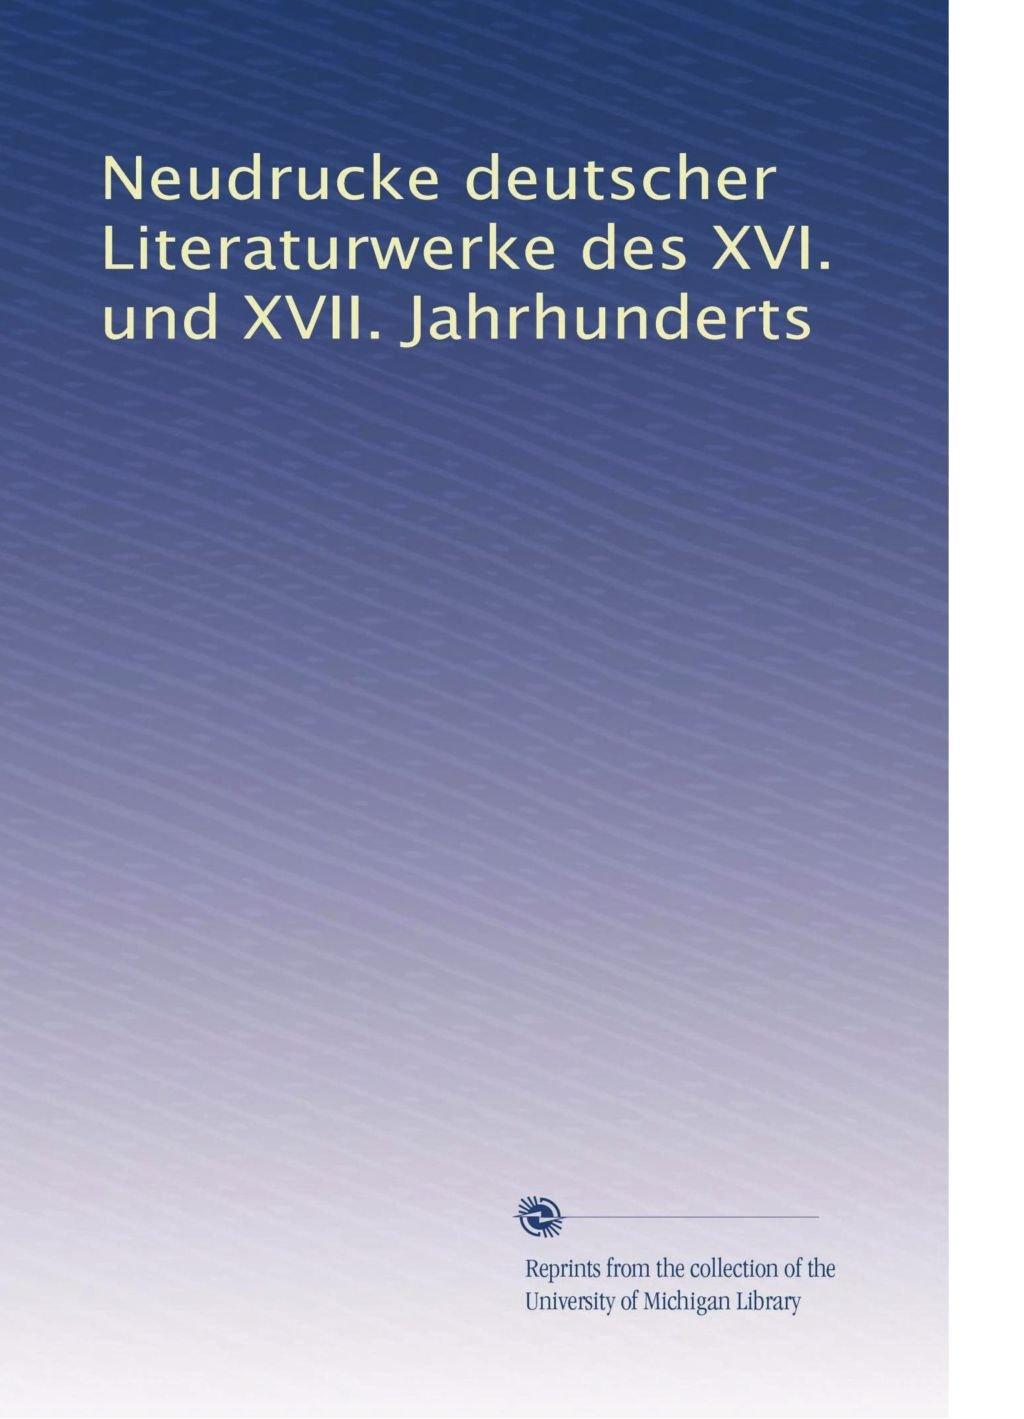 Download Neudrucke deutscher Literaturwerke des XVI. und XVII. Jahrhunderts (Volume 30) (German Edition) ebook